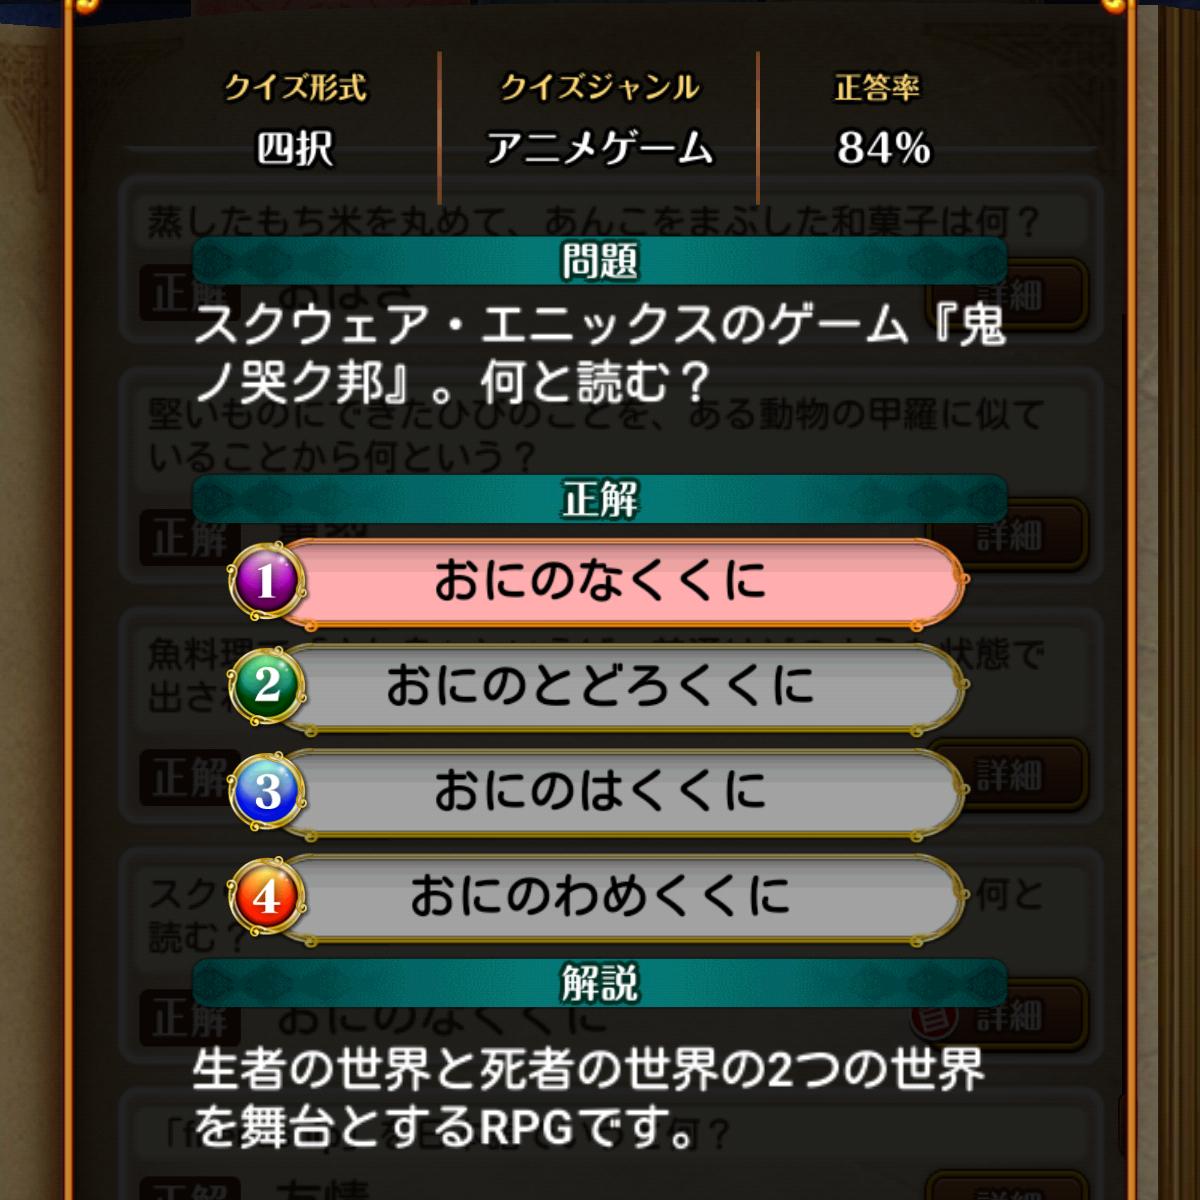 f:id:Tairax:20210704232145p:plain